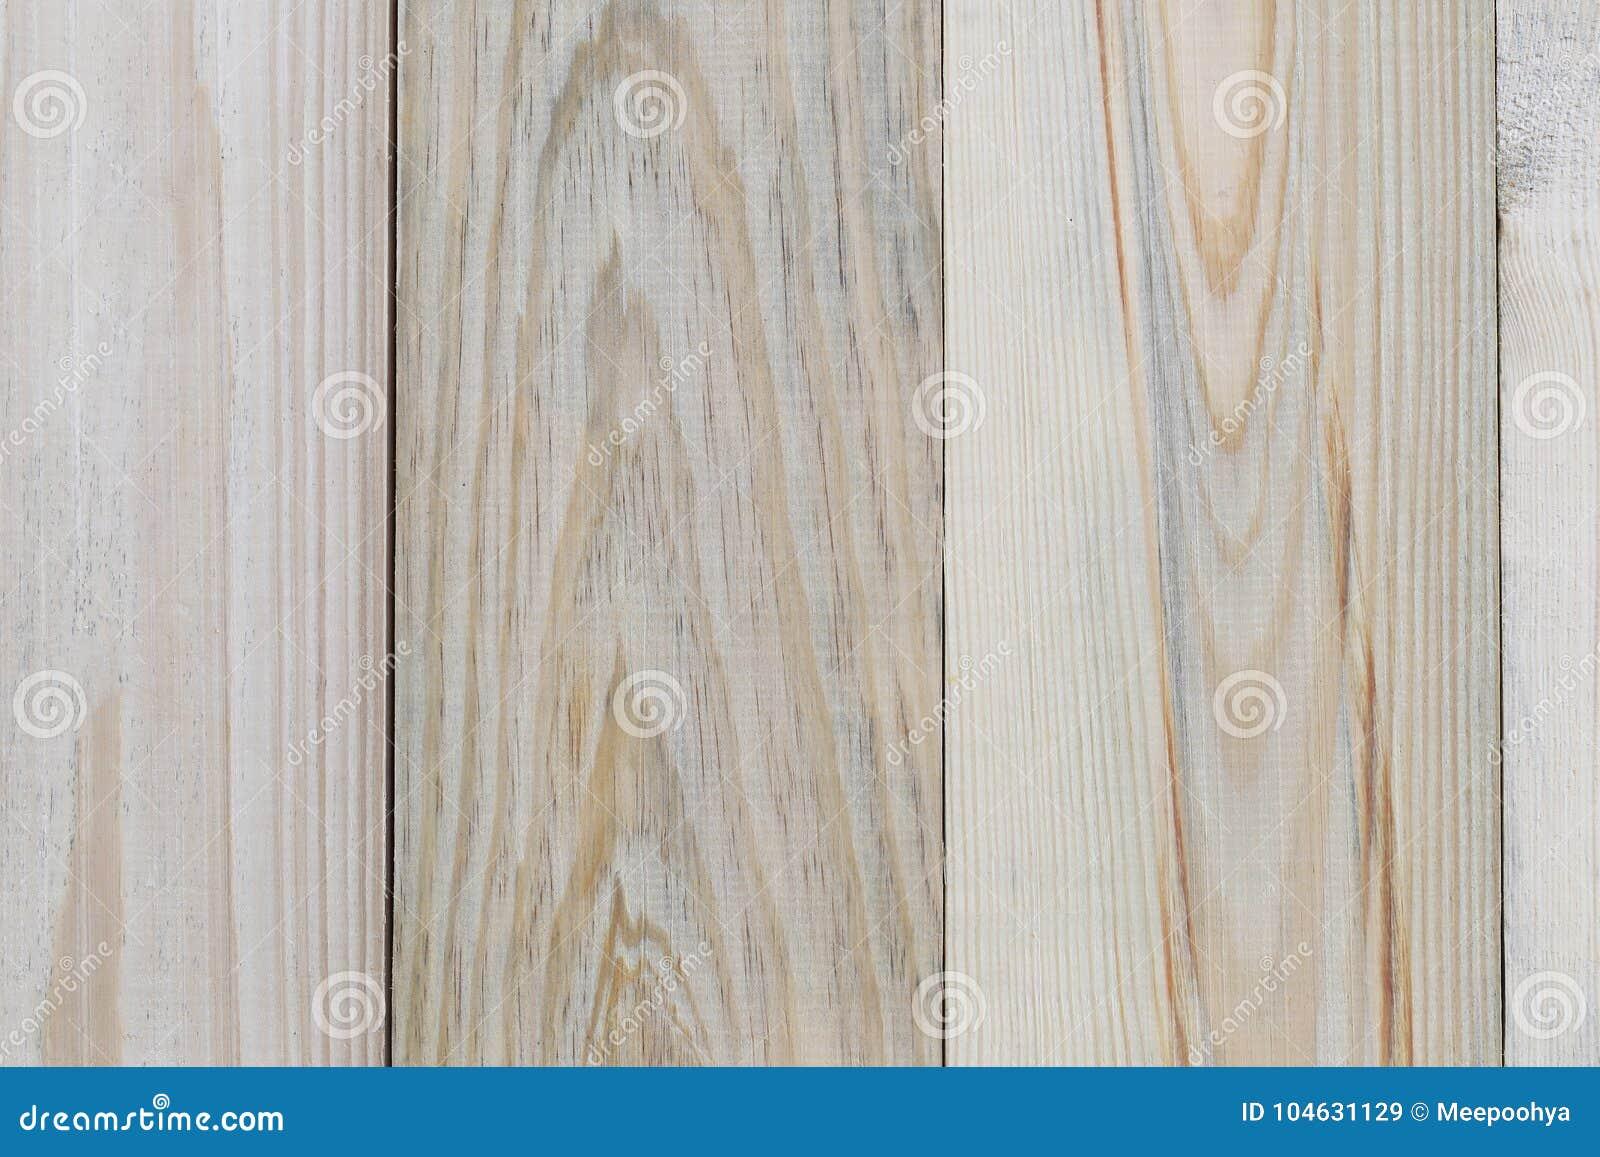 Download Oude Houten Textuur stock afbeelding. Afbeelding bestaande uit ontwerp - 104631129